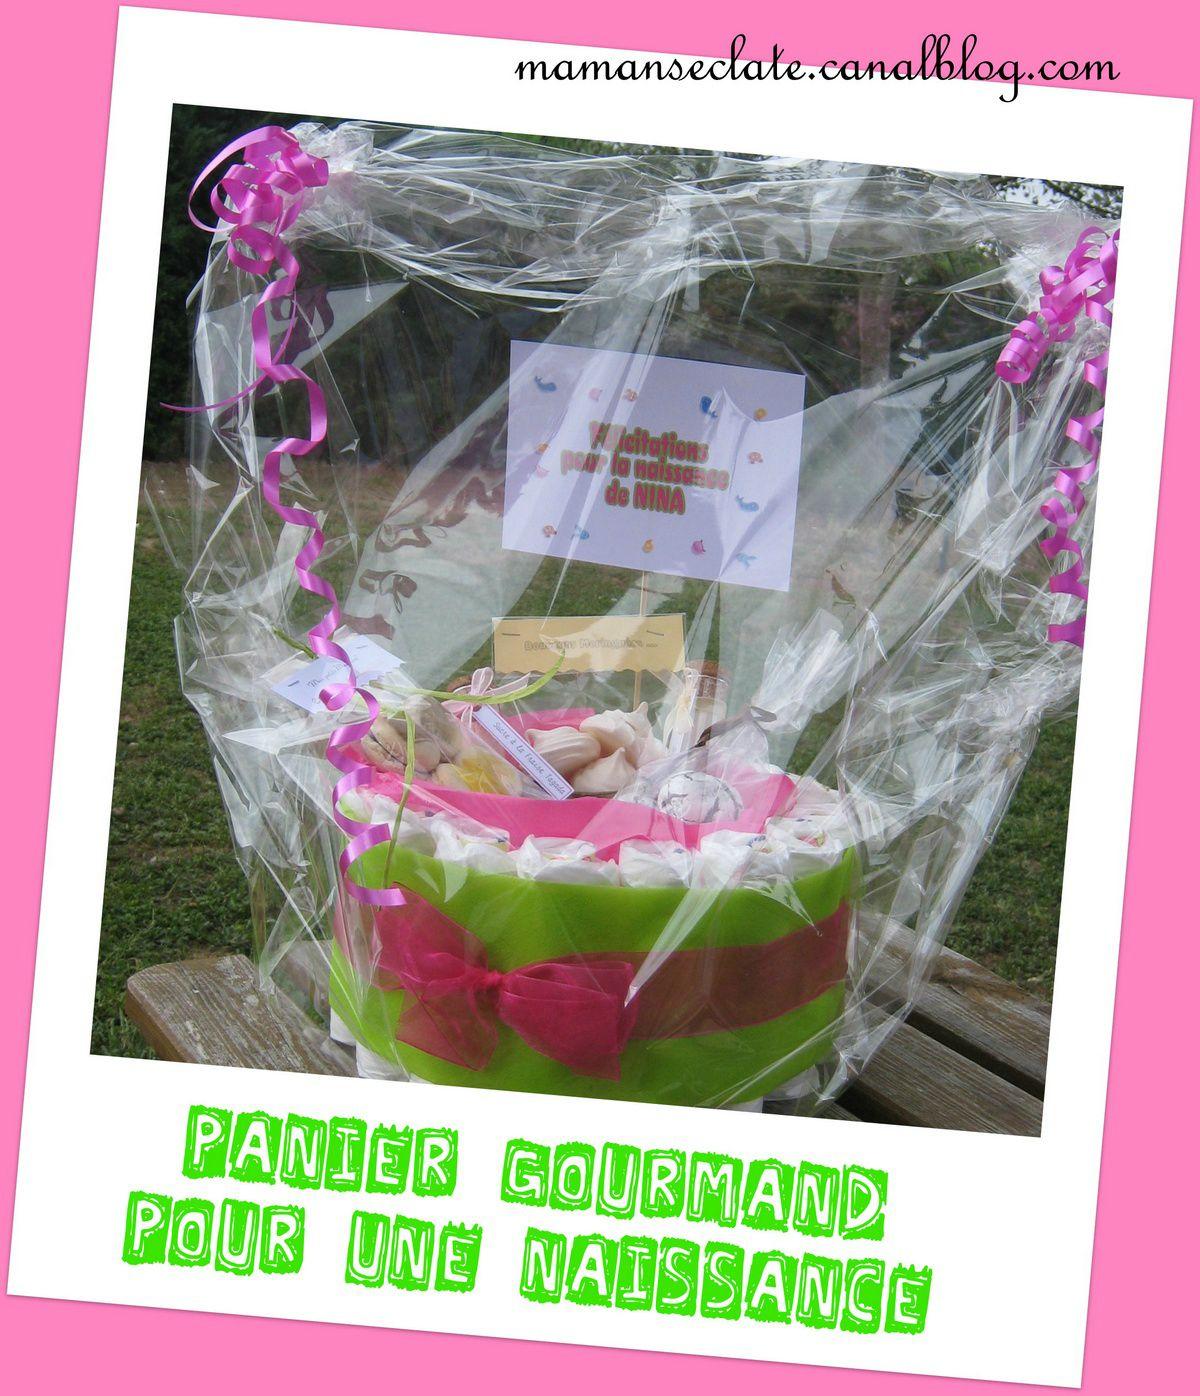 Qu Offrir Pour Une Naissance panier gourmand = cadeau pour une naissance - maman s'éclate !